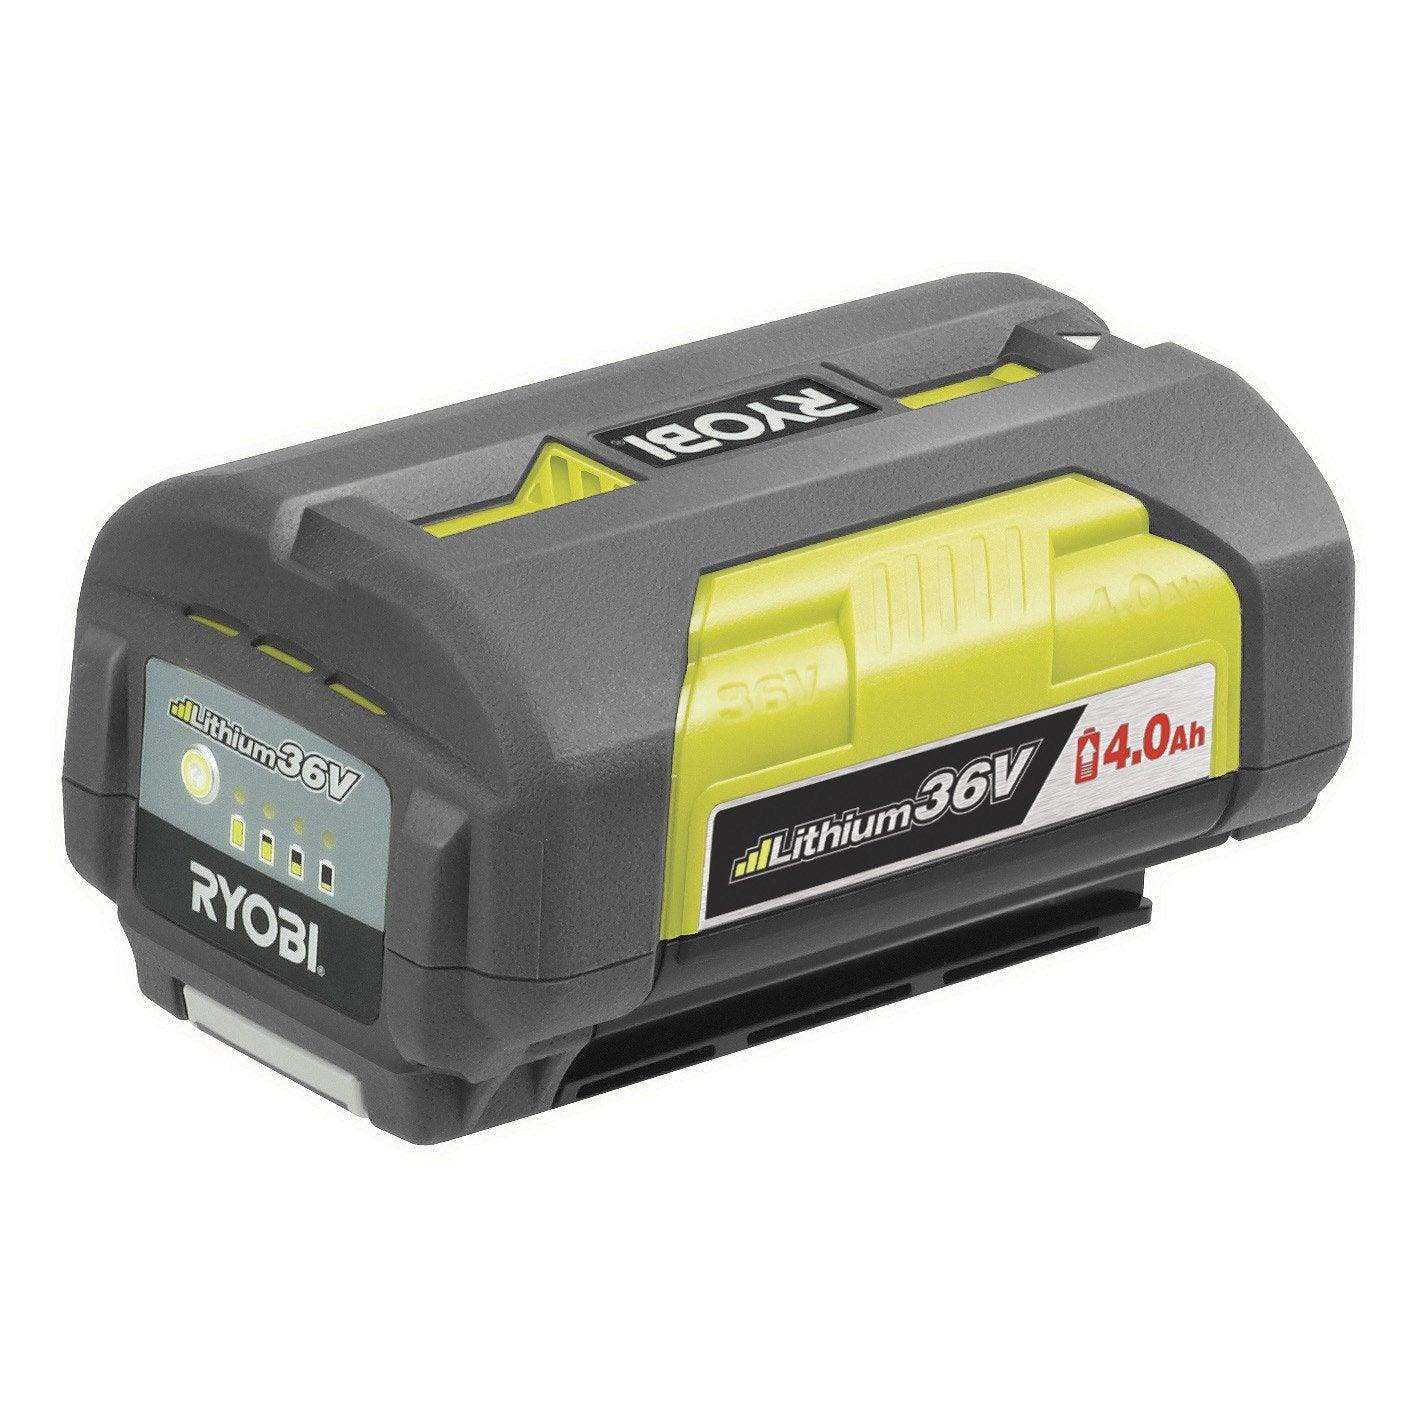 Batterie lithium ion bpl3640 ryobi 36v 4ah leroy merlin for Taille haie ryobi batterie